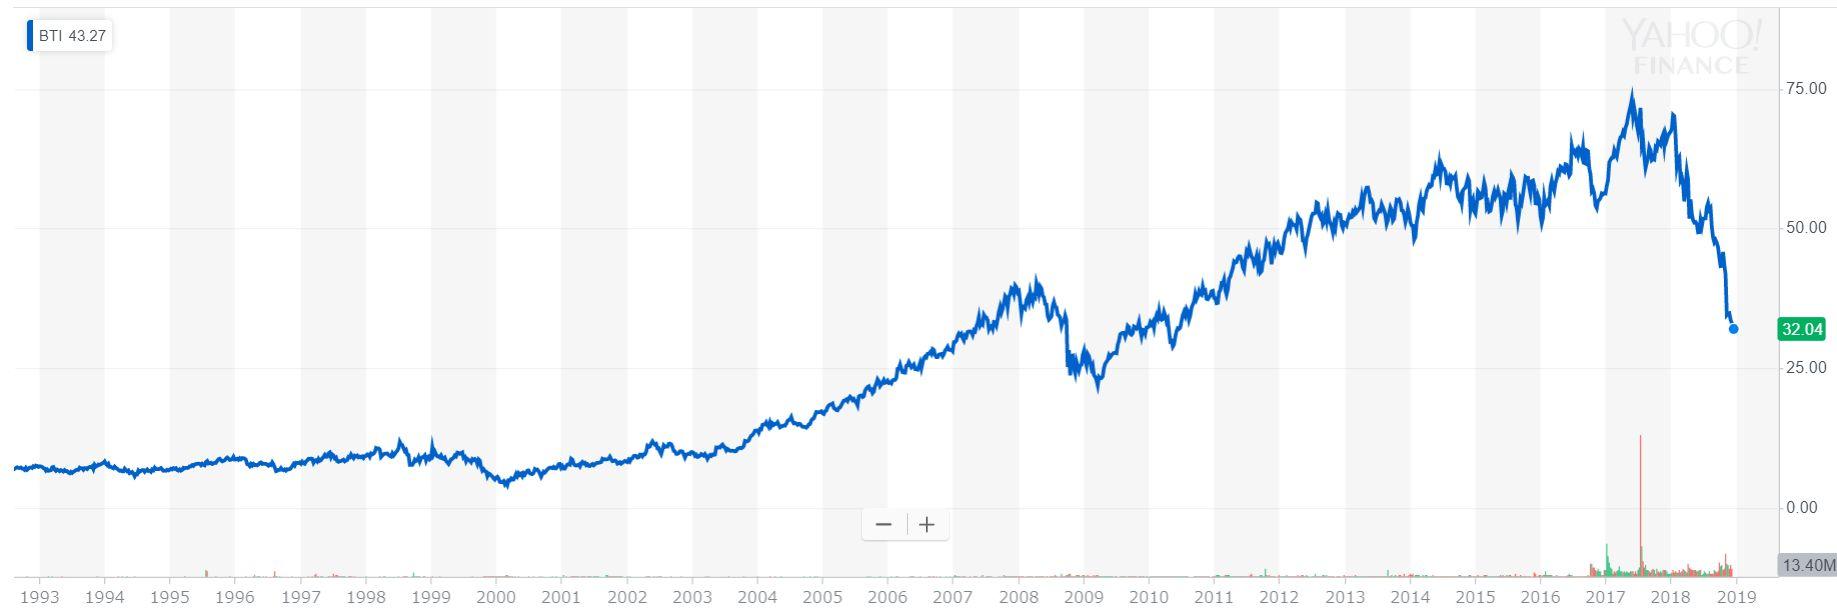 ブリティッシュ・アメリカン・タバコ(BTI)の株価(1993年~2018年)